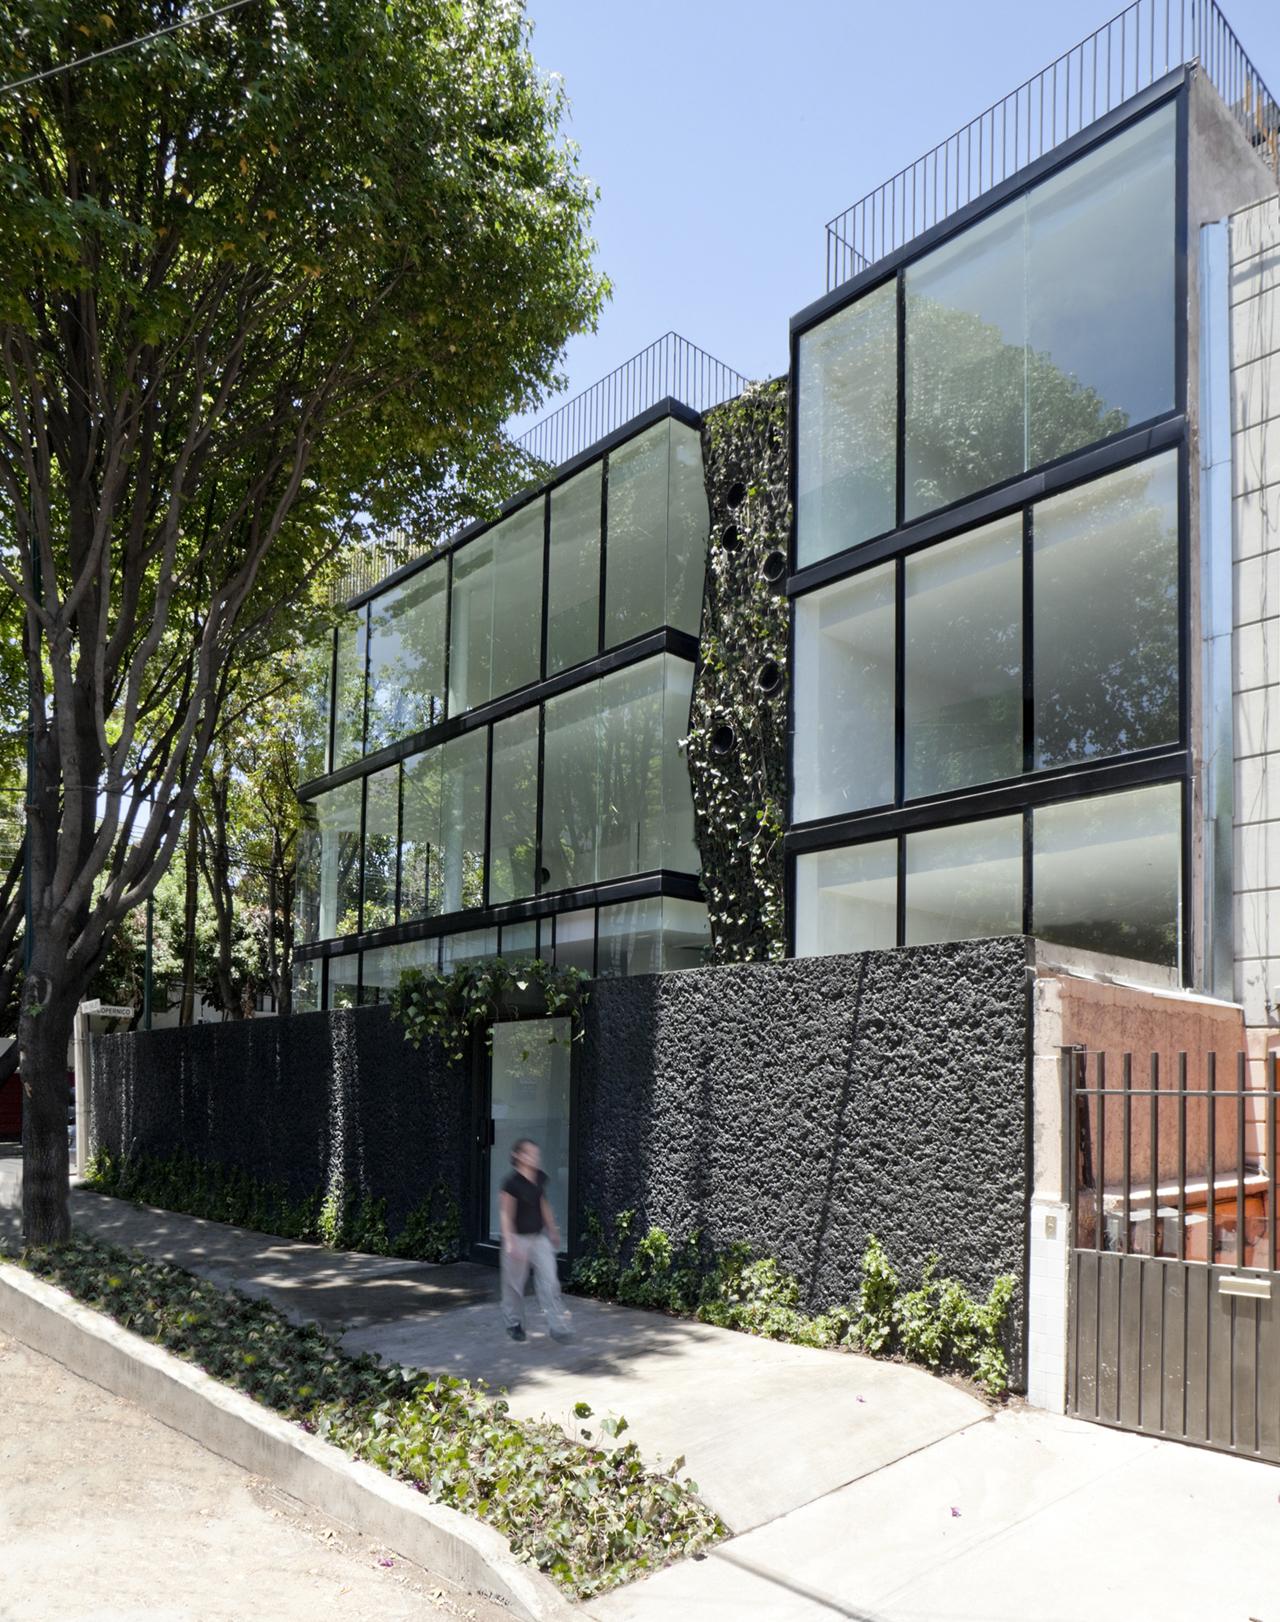 Edifício de apartamentos Michelet / Dellekamp Arquitectos, © Sandra Pereznieto